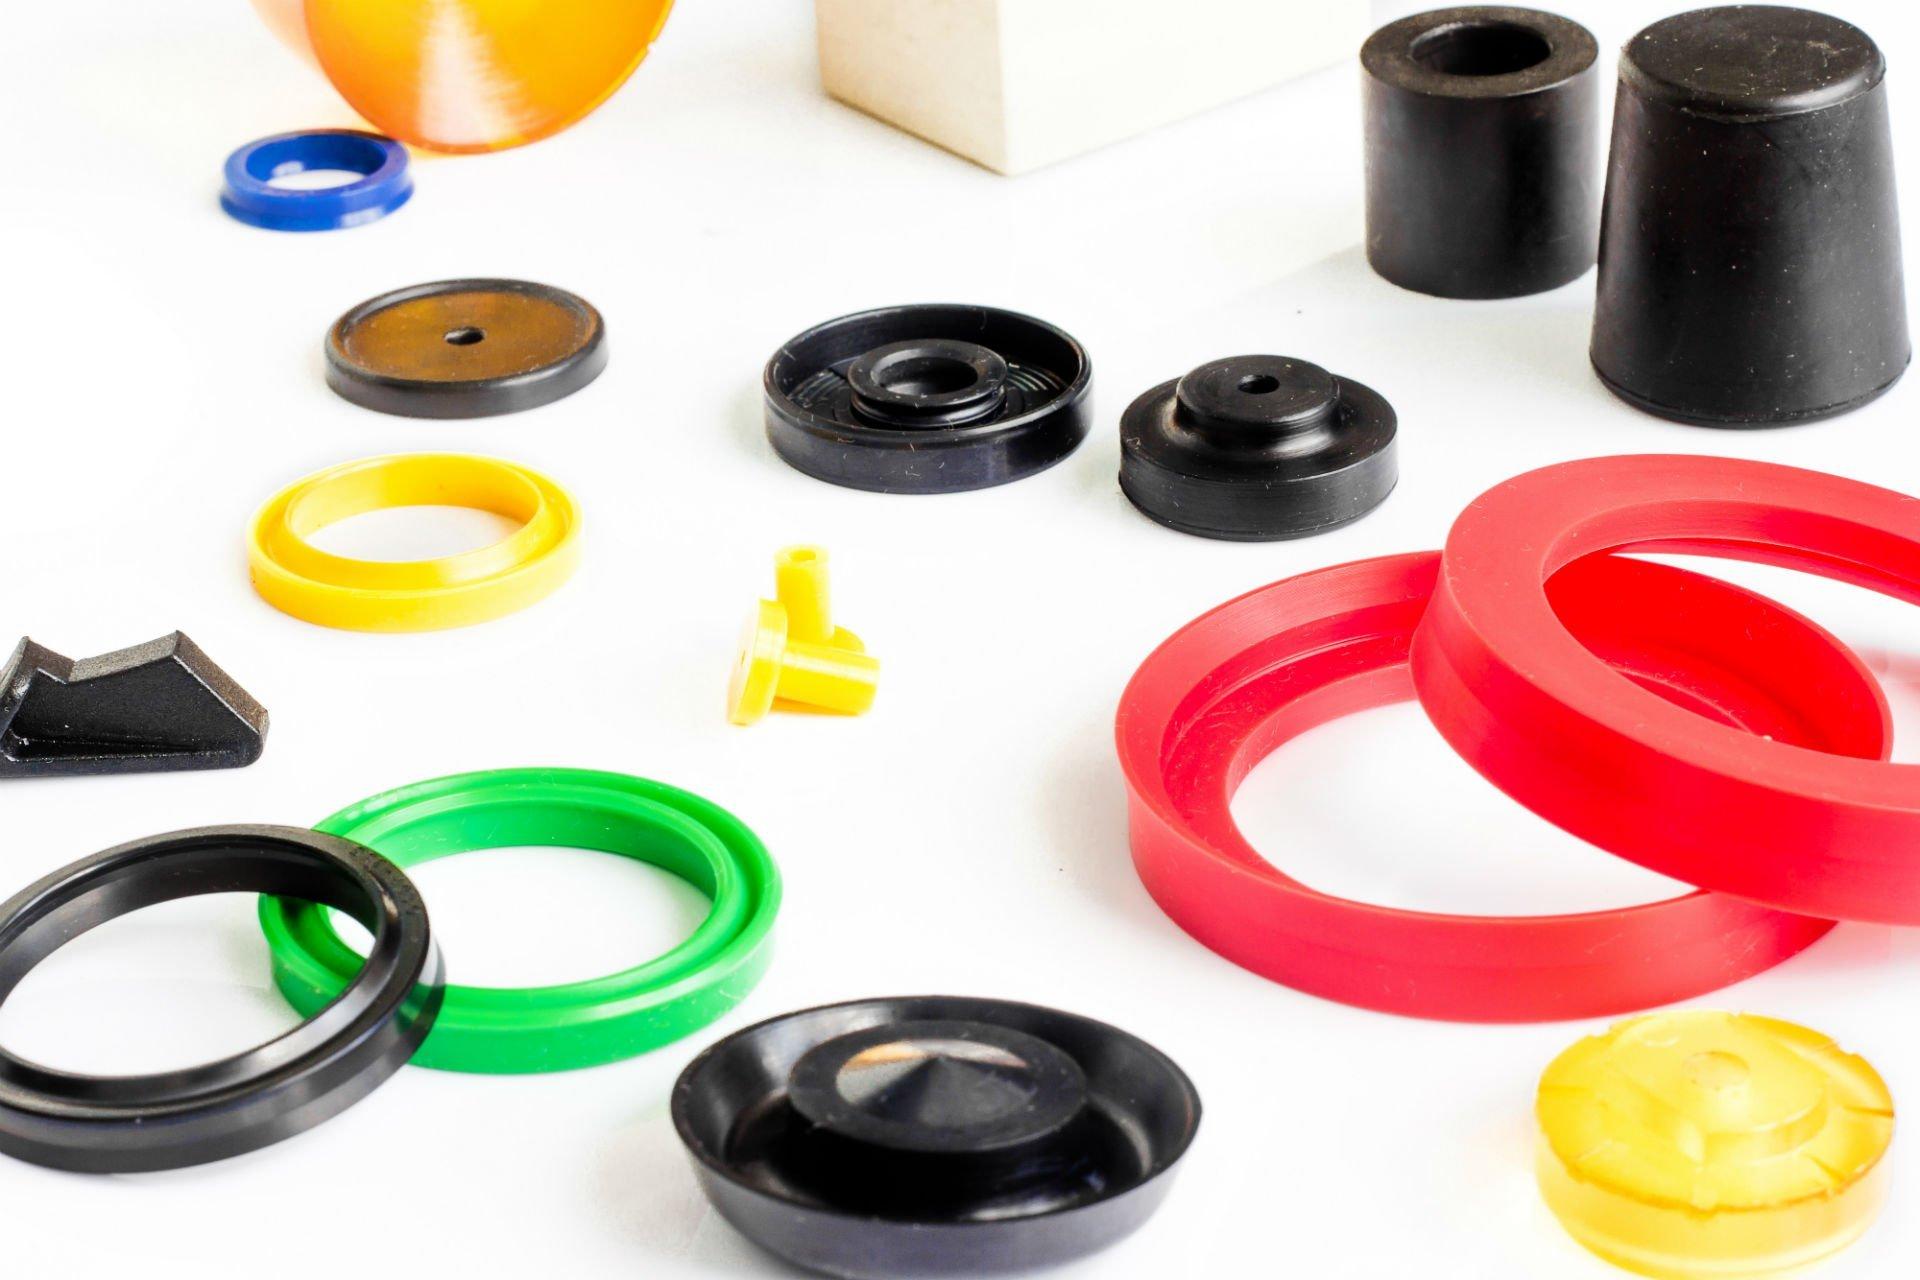 delle guarnizioni di plastica in colori diversi